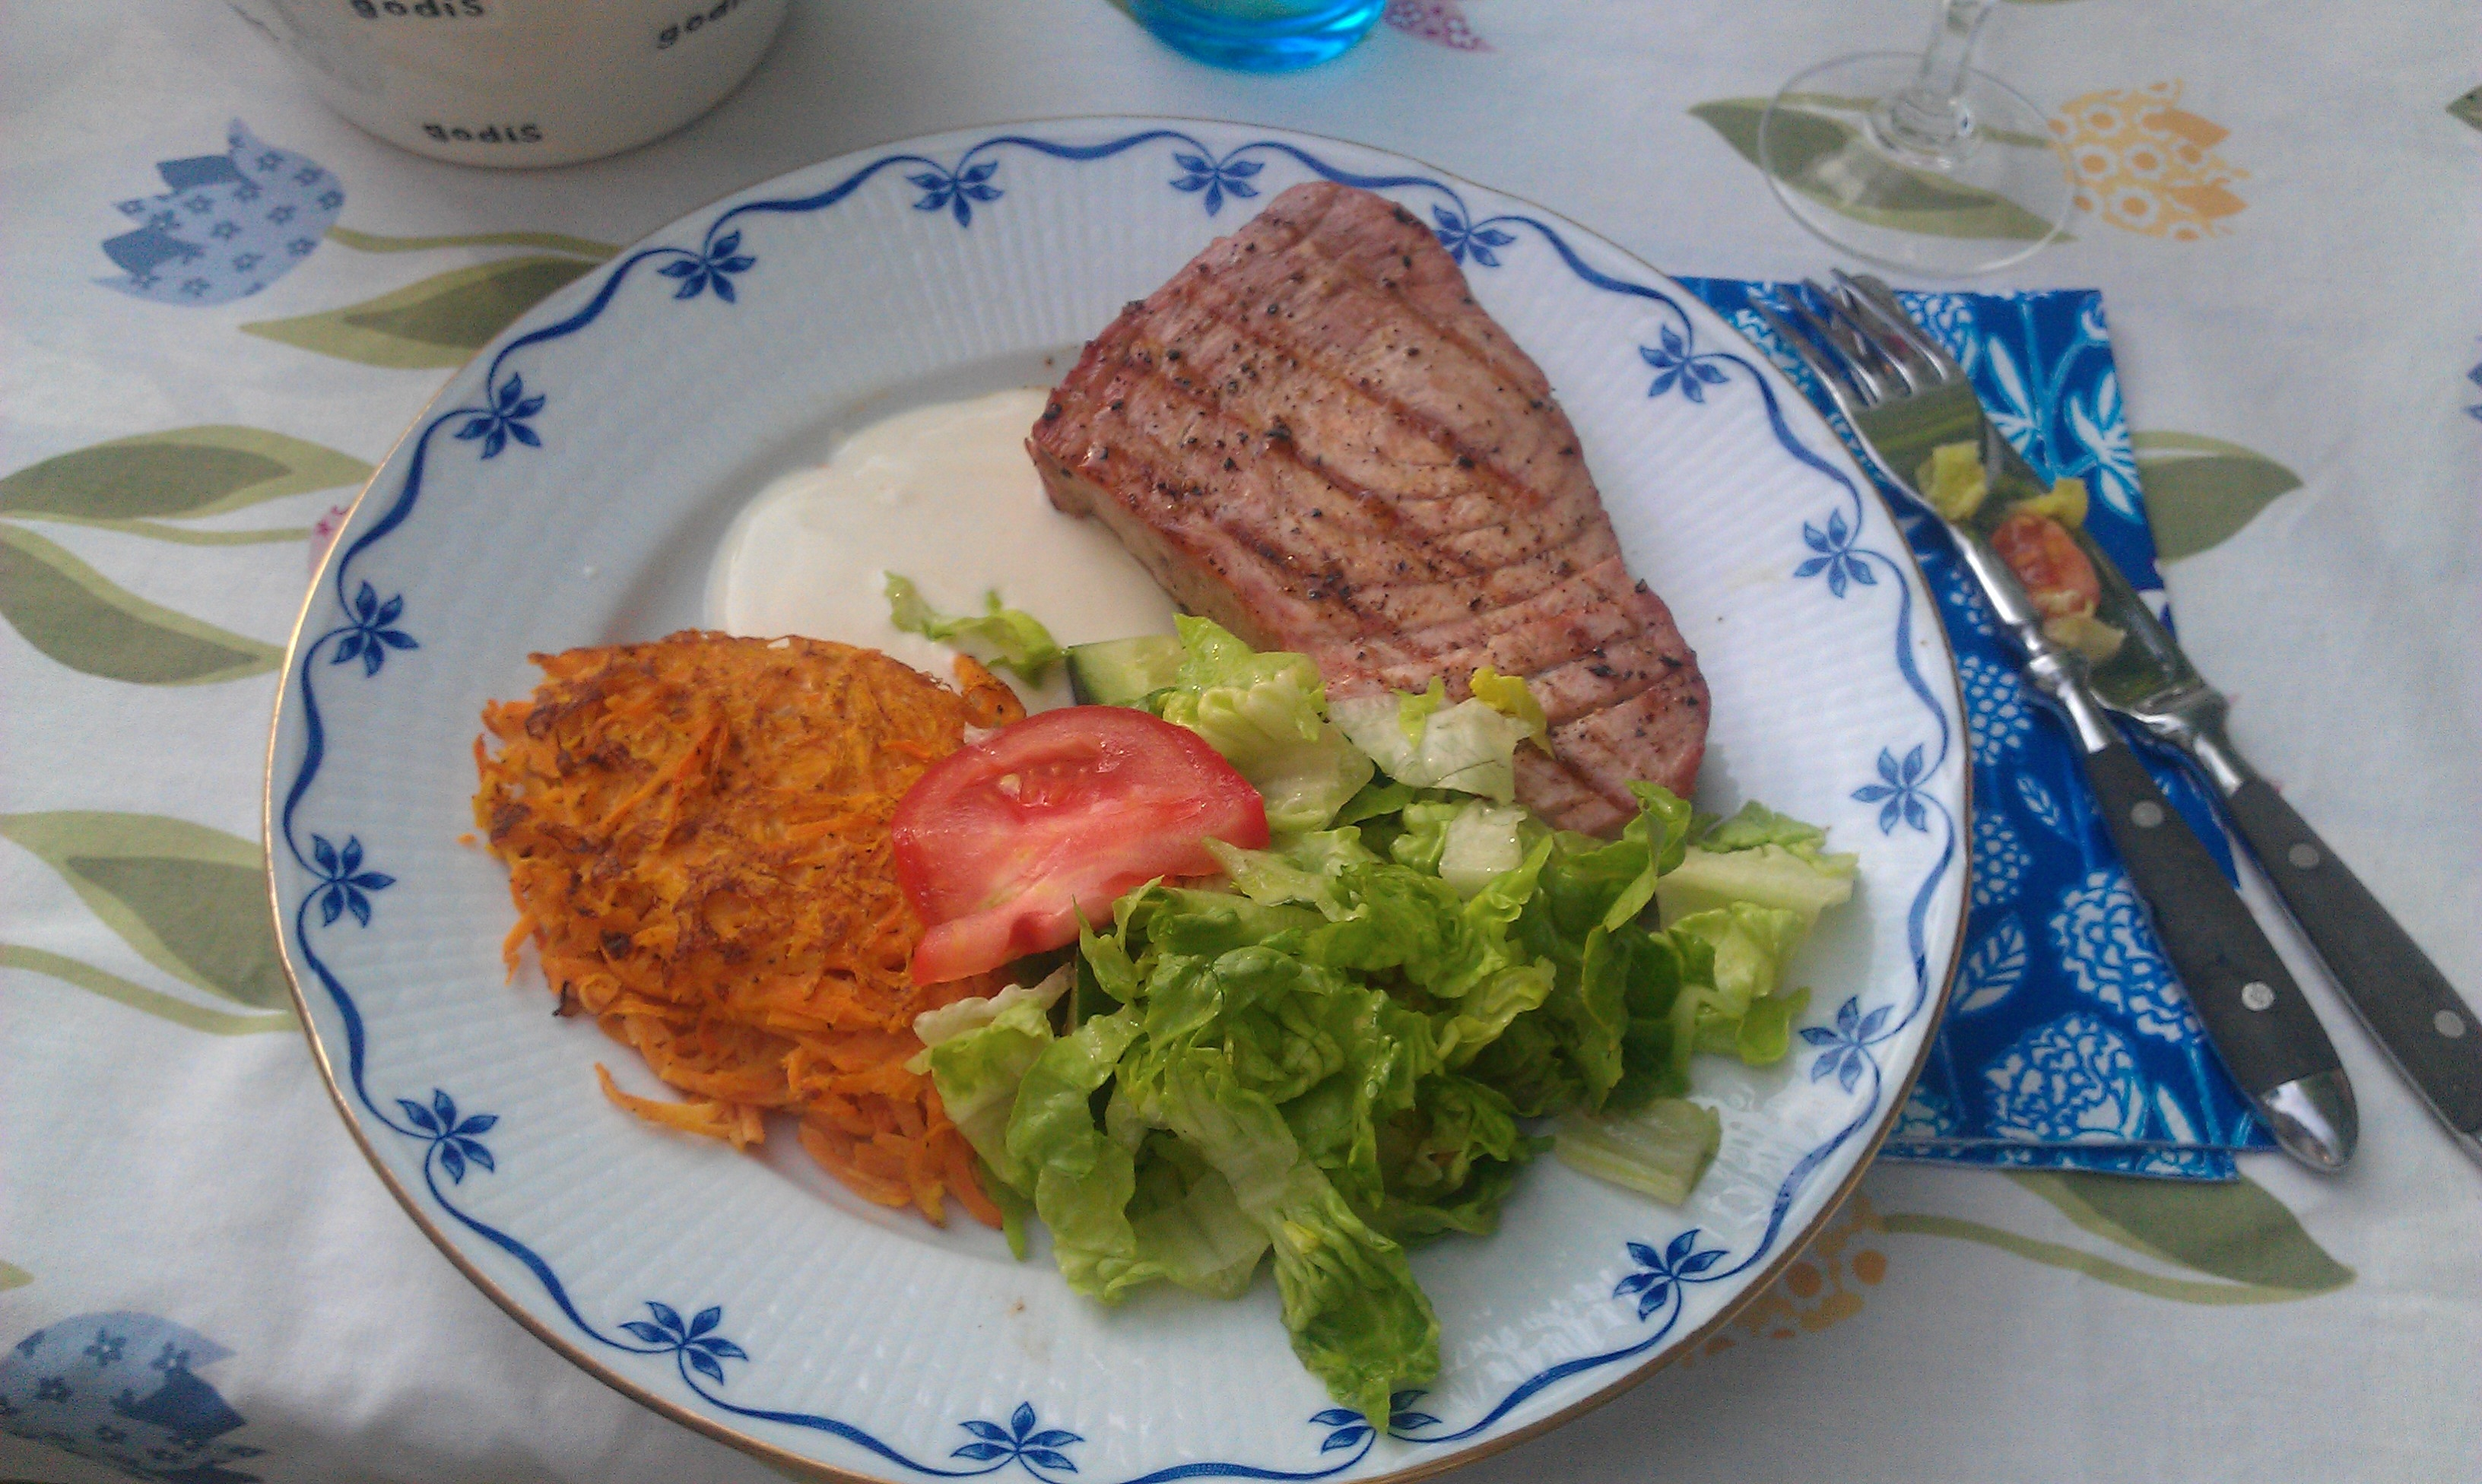 fettfri sås till grillat kött